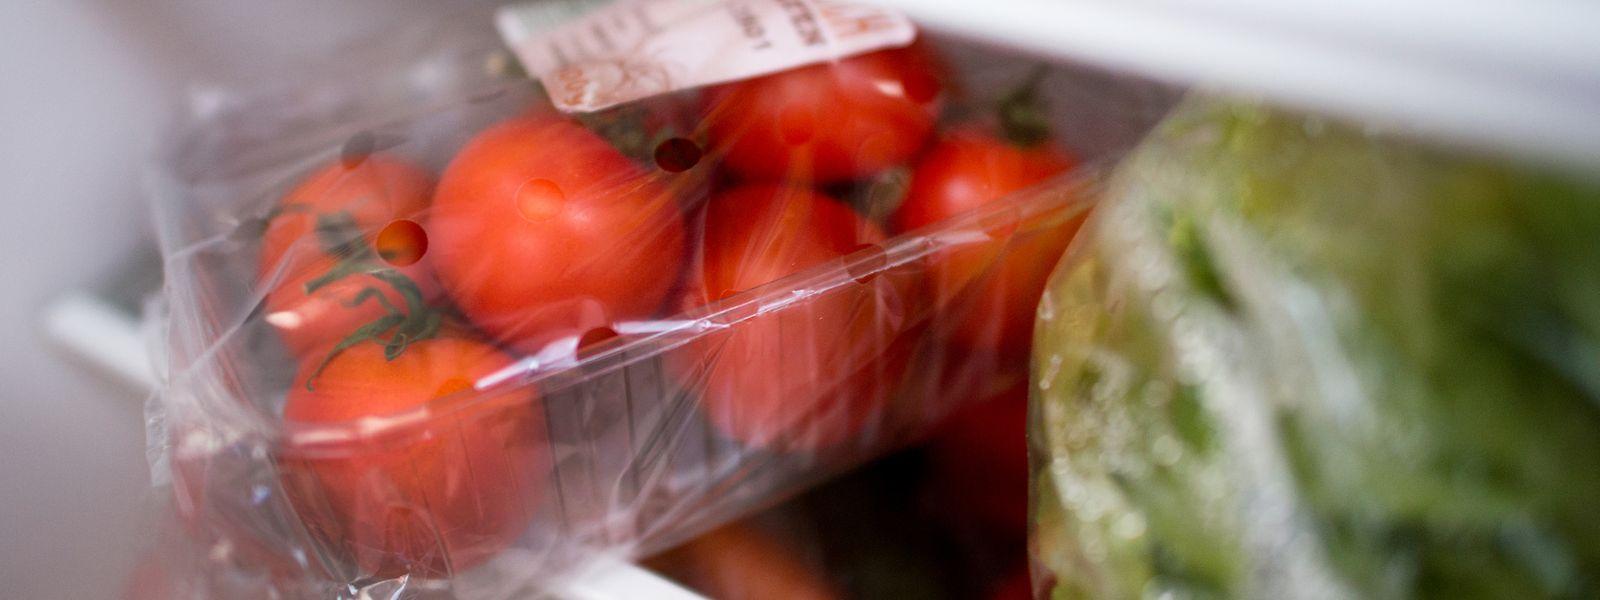 Das Plastikaufkommen in Luxemburg ist in den vergangenen Jahren stark gestiegen.